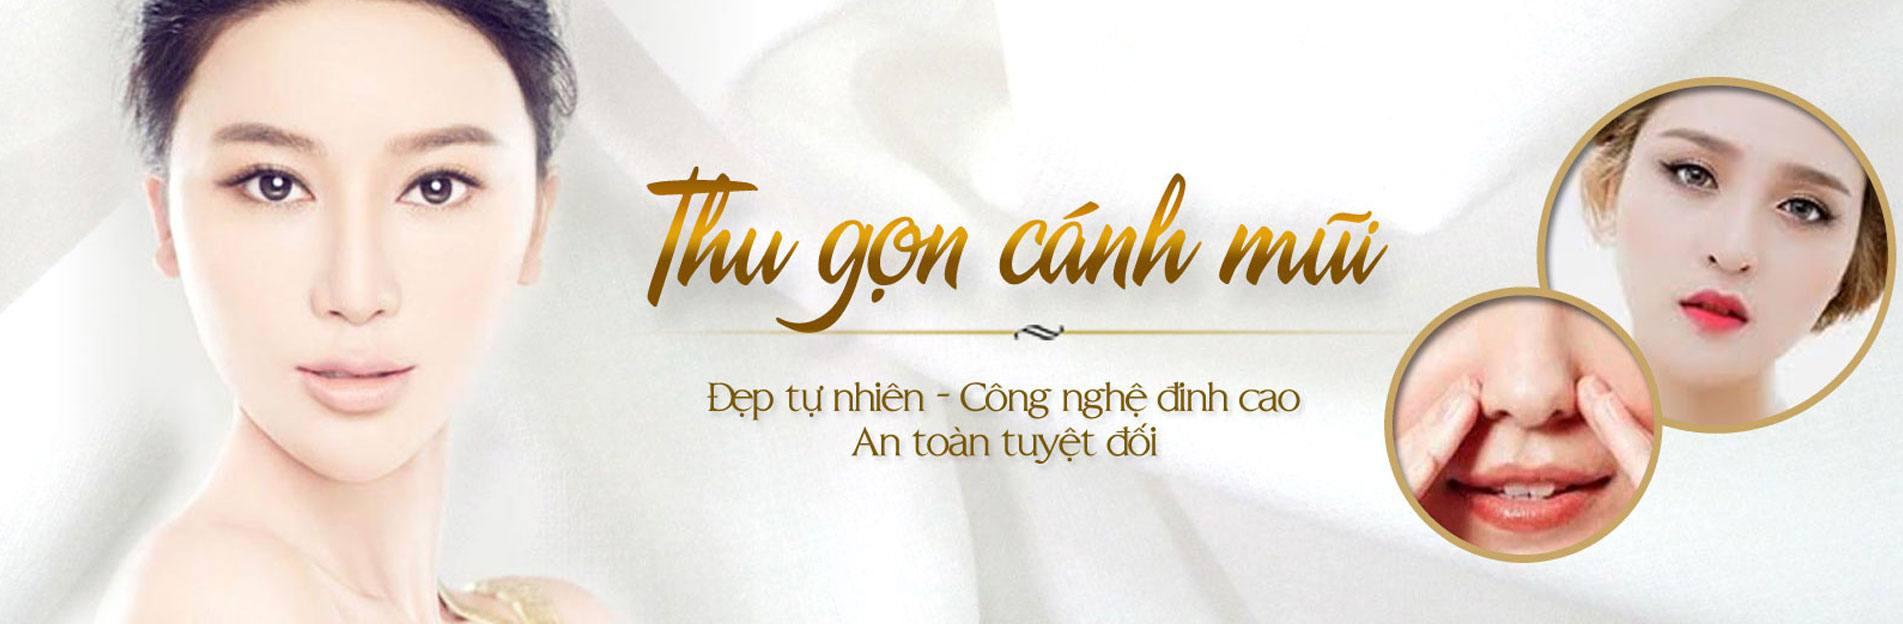 1903x624_-thu-gon-canh-mui_01